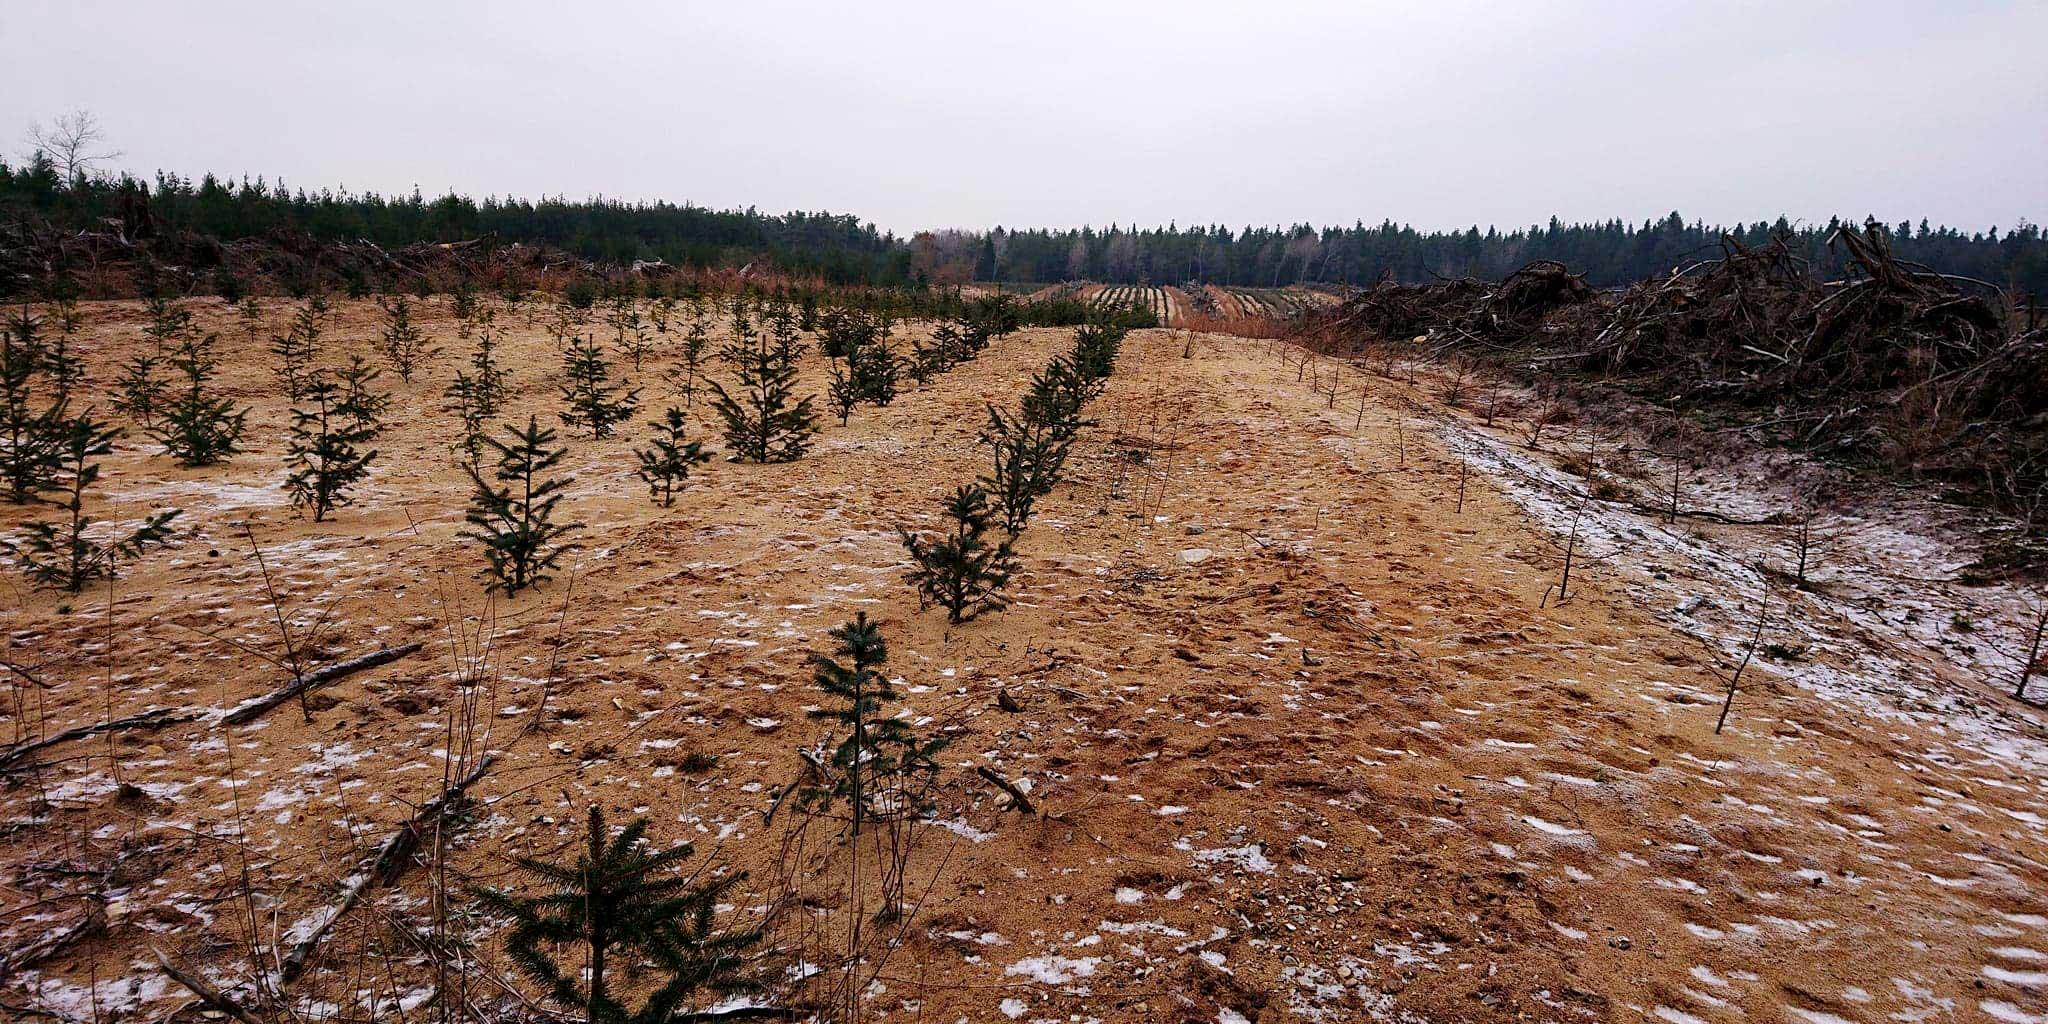 Ved at anvende ammetræer i kulturfasen kan de eksisterende skove optage langt mere CO2 fra atmosfæren.